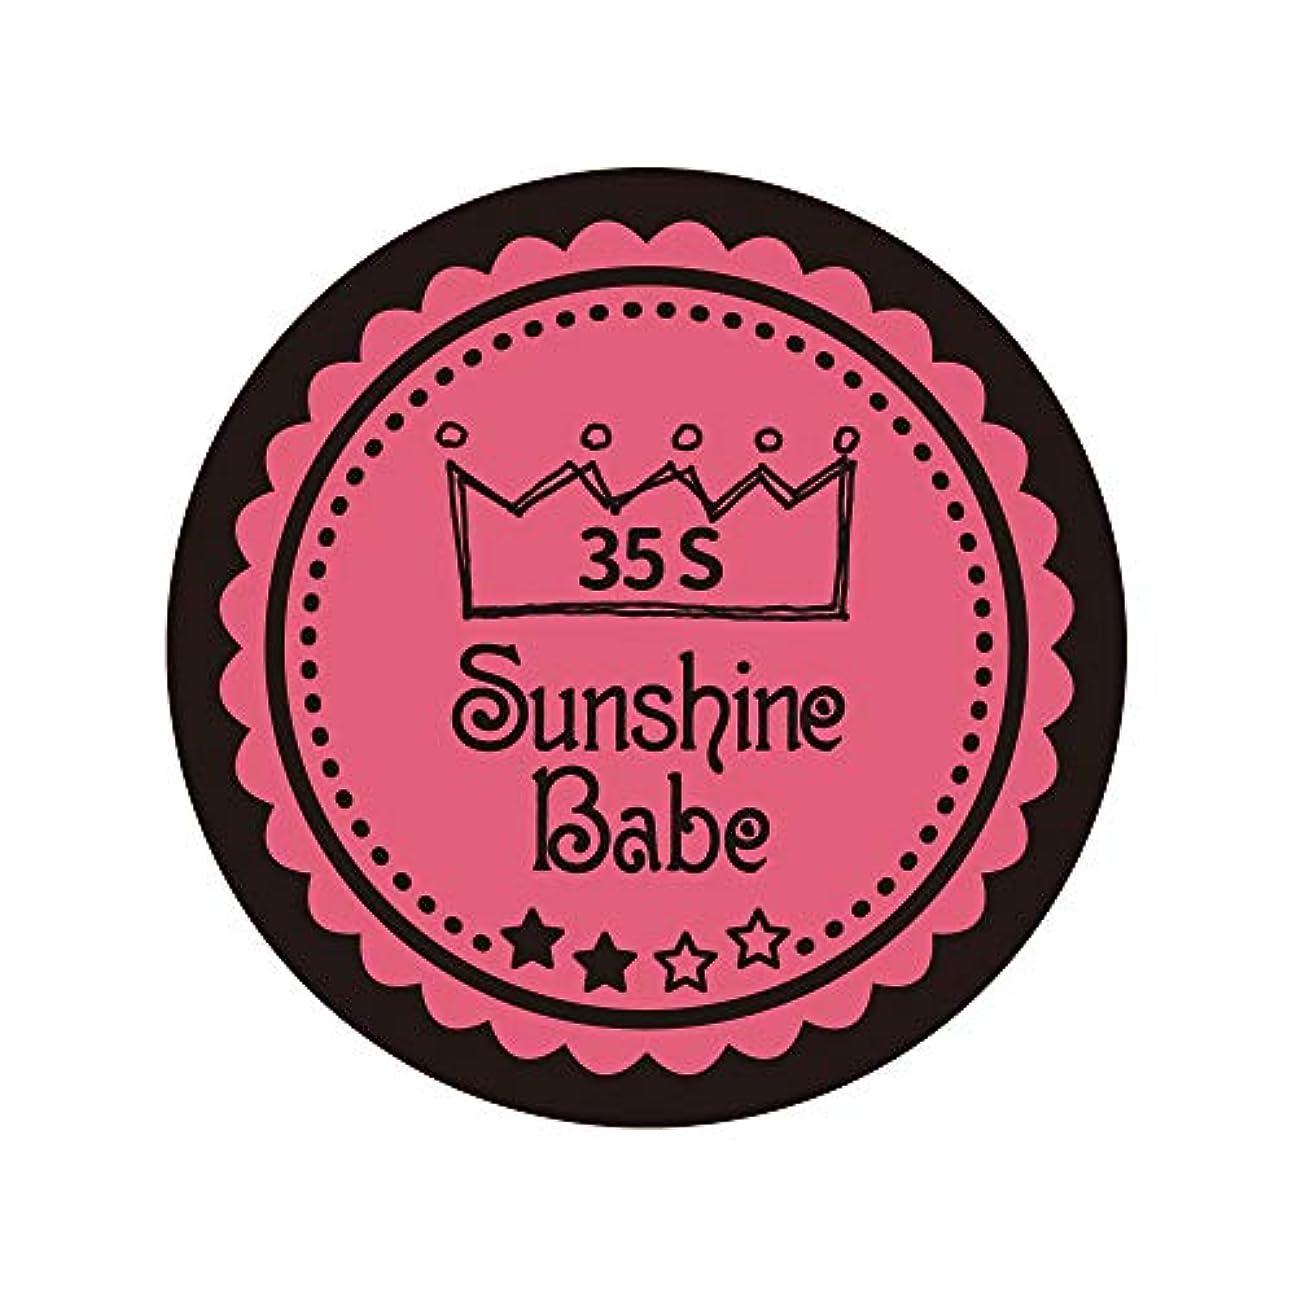 続編イヤホンマージンSunshine Babe カラージェル 35S ローズピンク 4g UV/LED対応